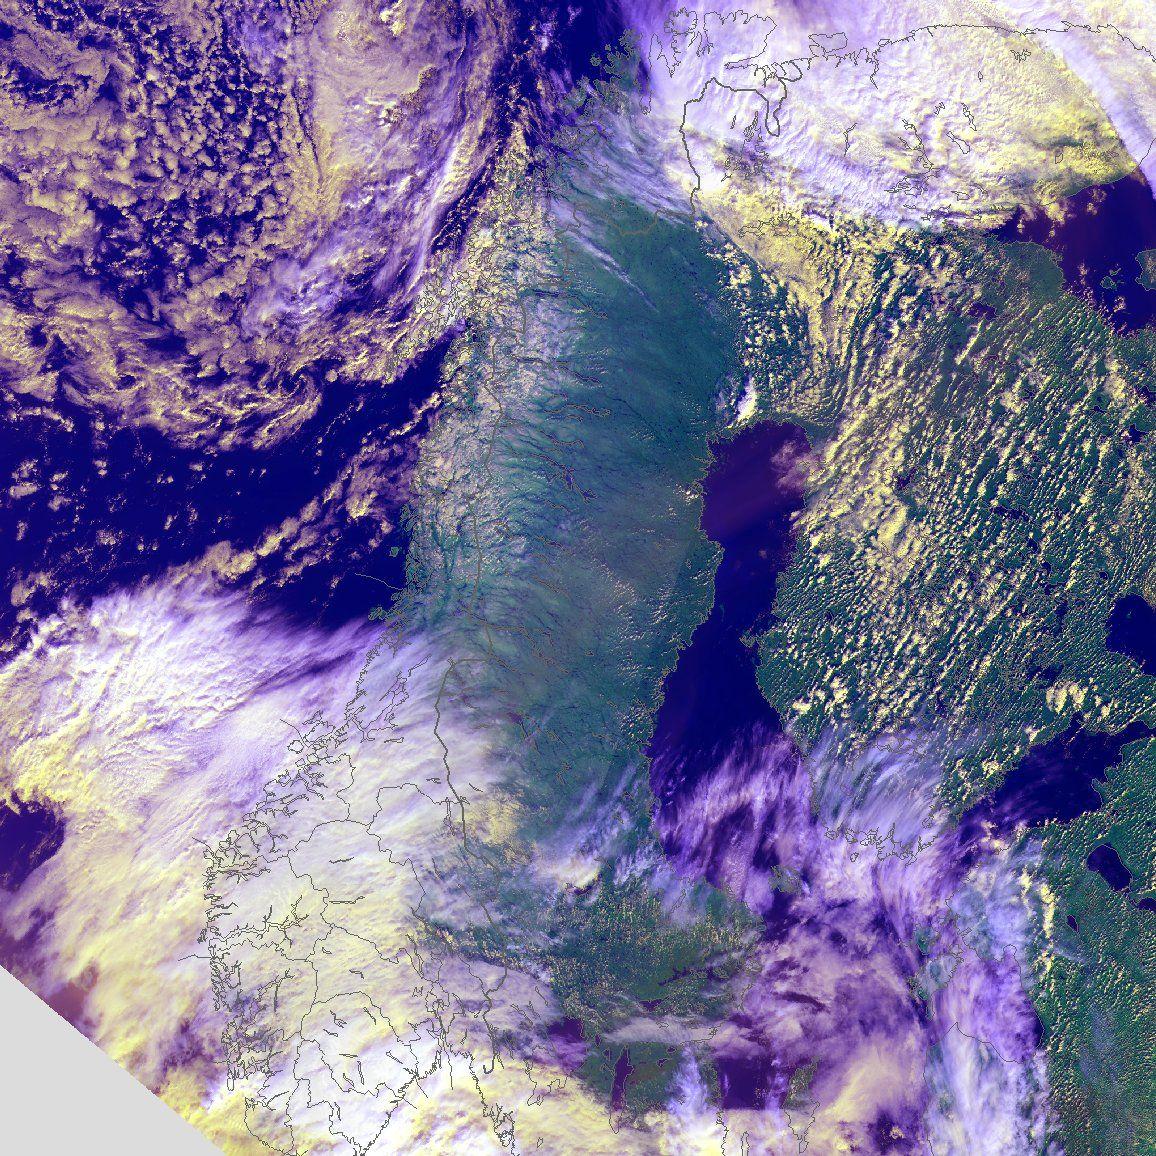 HØST: To lavtrykkssentre plassert over henholdsvis Nord- og Sør-Norge skaper litt høsttendenser, men i flere områder er mandag formiddag skyfri og solfylt.